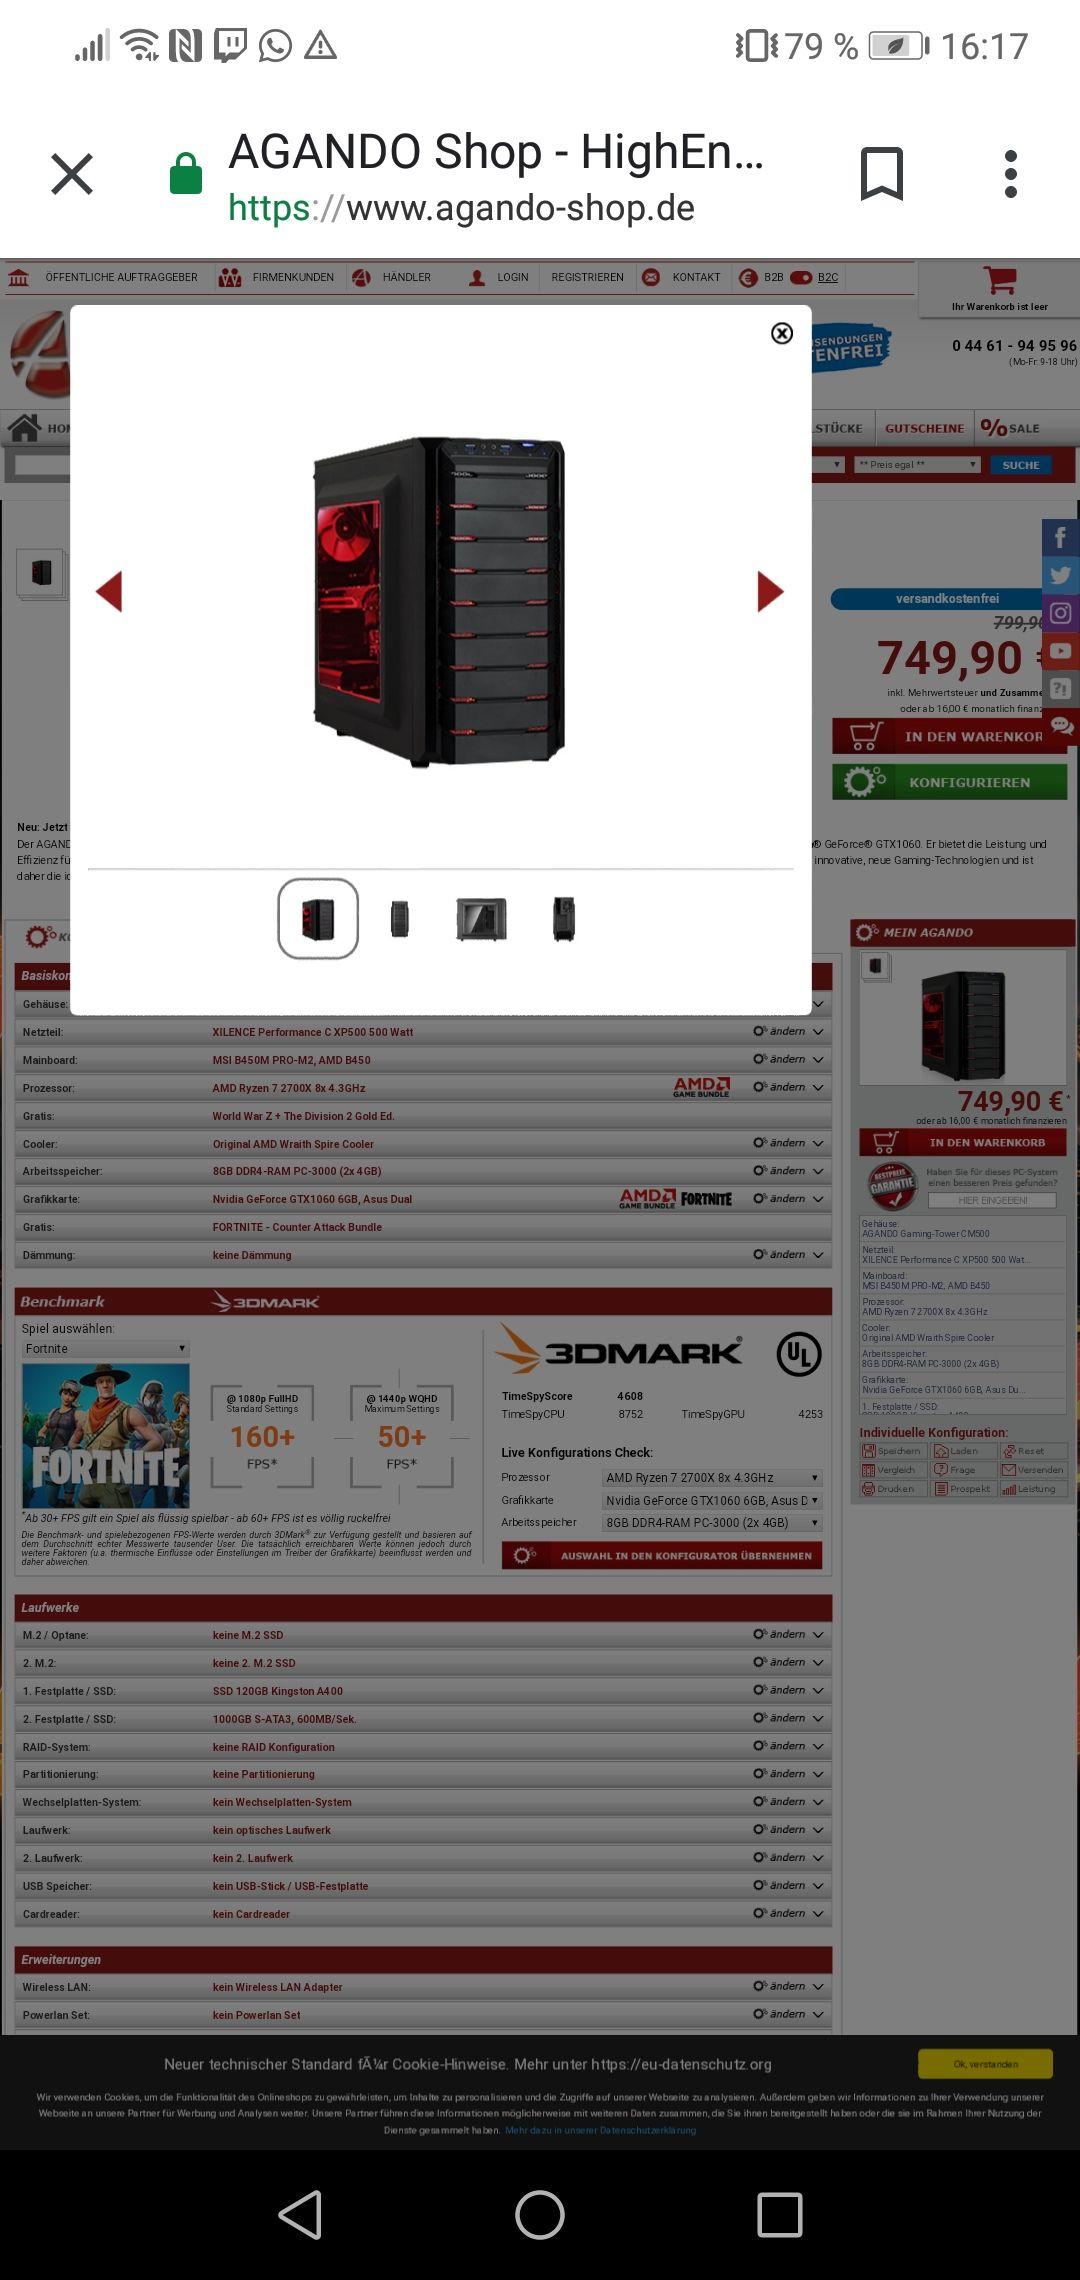 50€ Deal bei Agondo für Ryzen 7 2700x Gaming PC